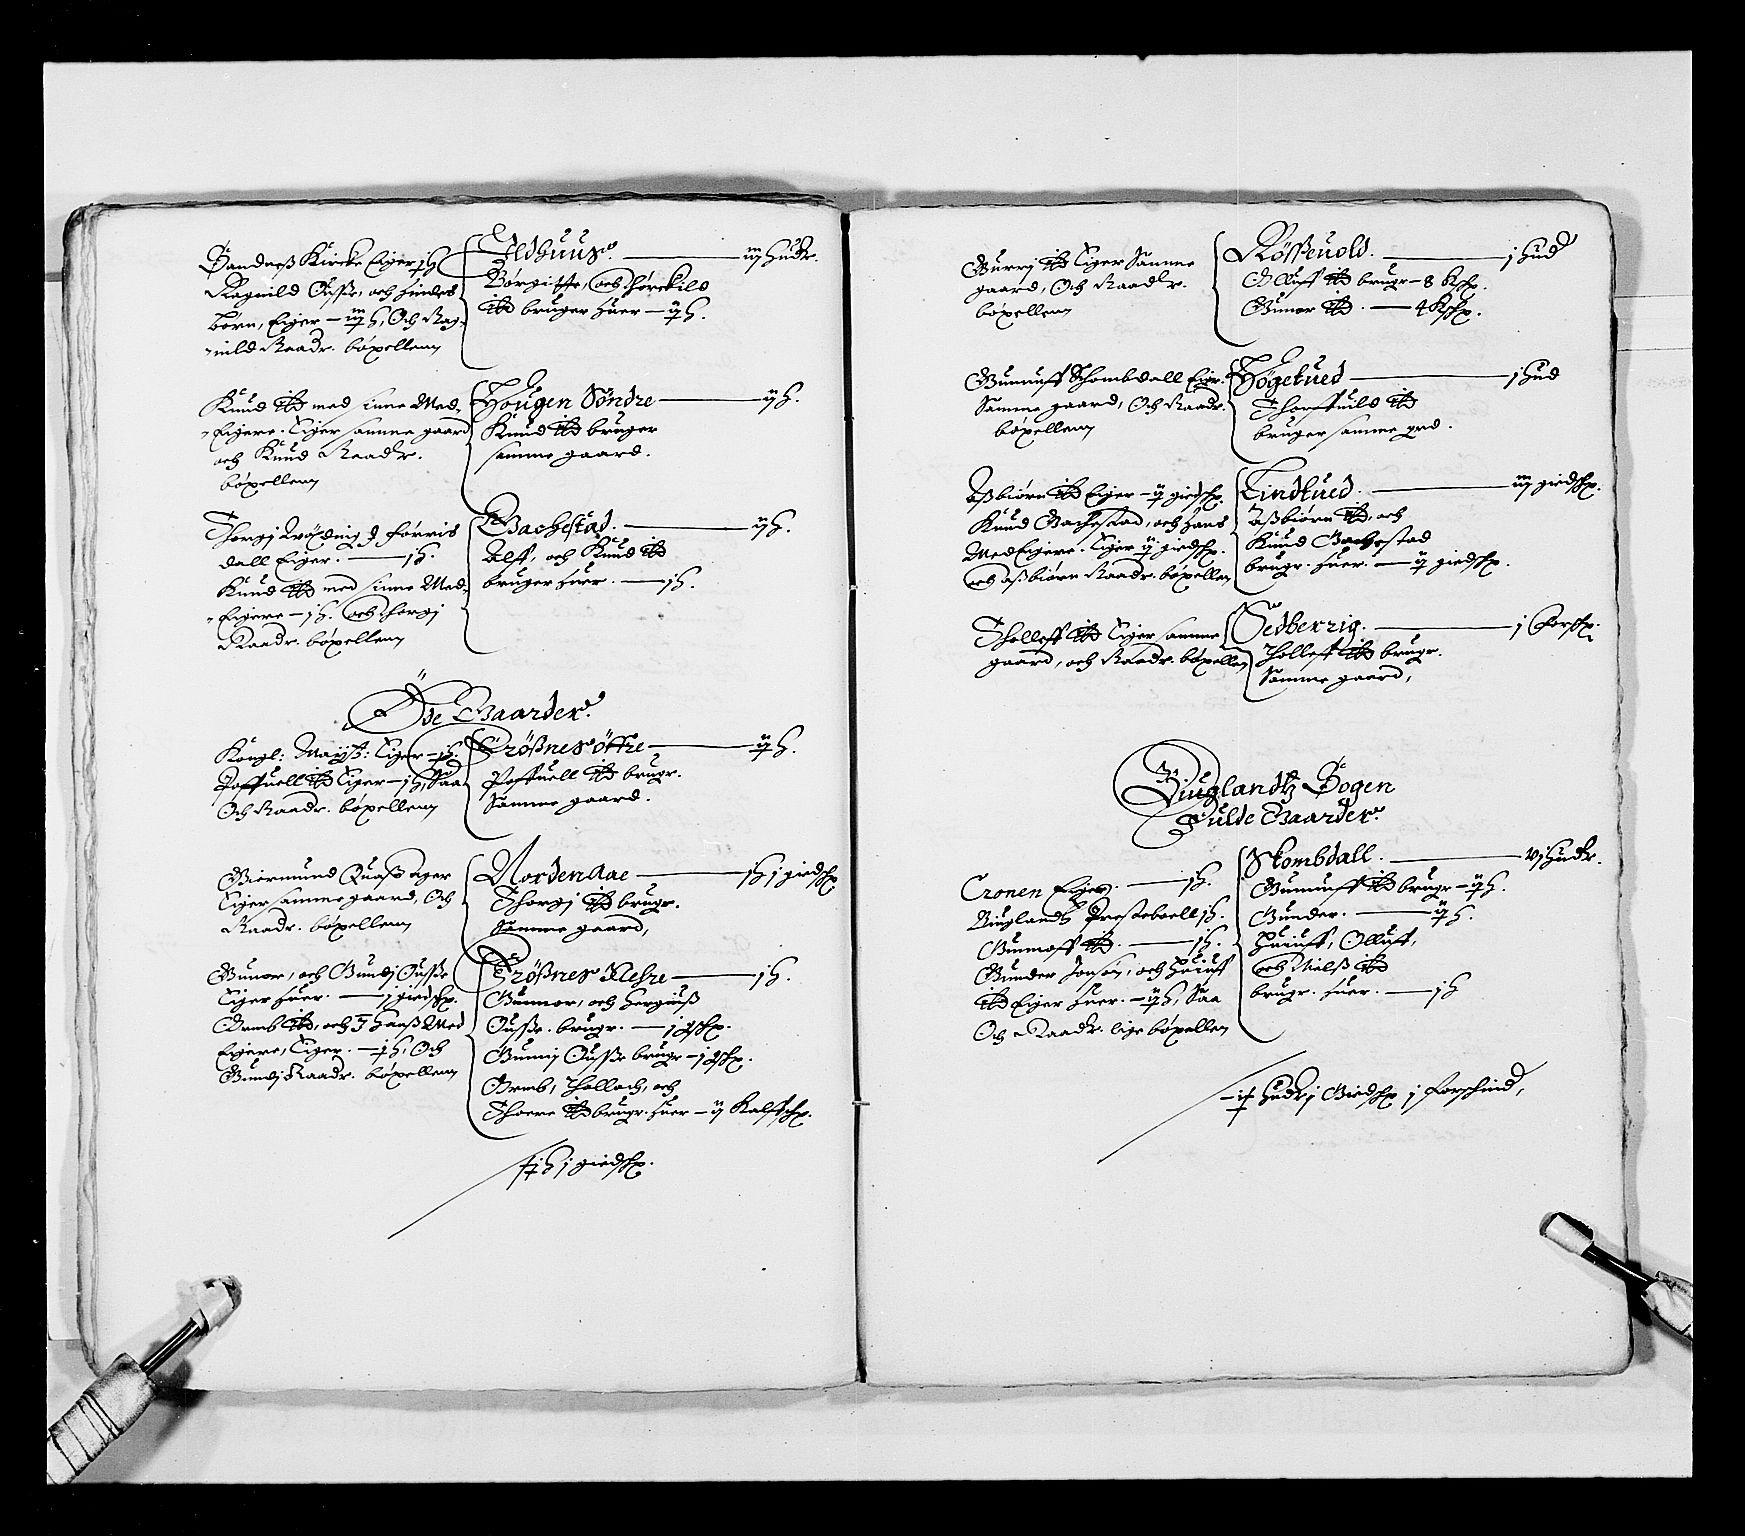 RA, Stattholderembetet 1572-1771, Ek/L0023: Jordebøker 1633-1658:, 1648-1649, s. 20